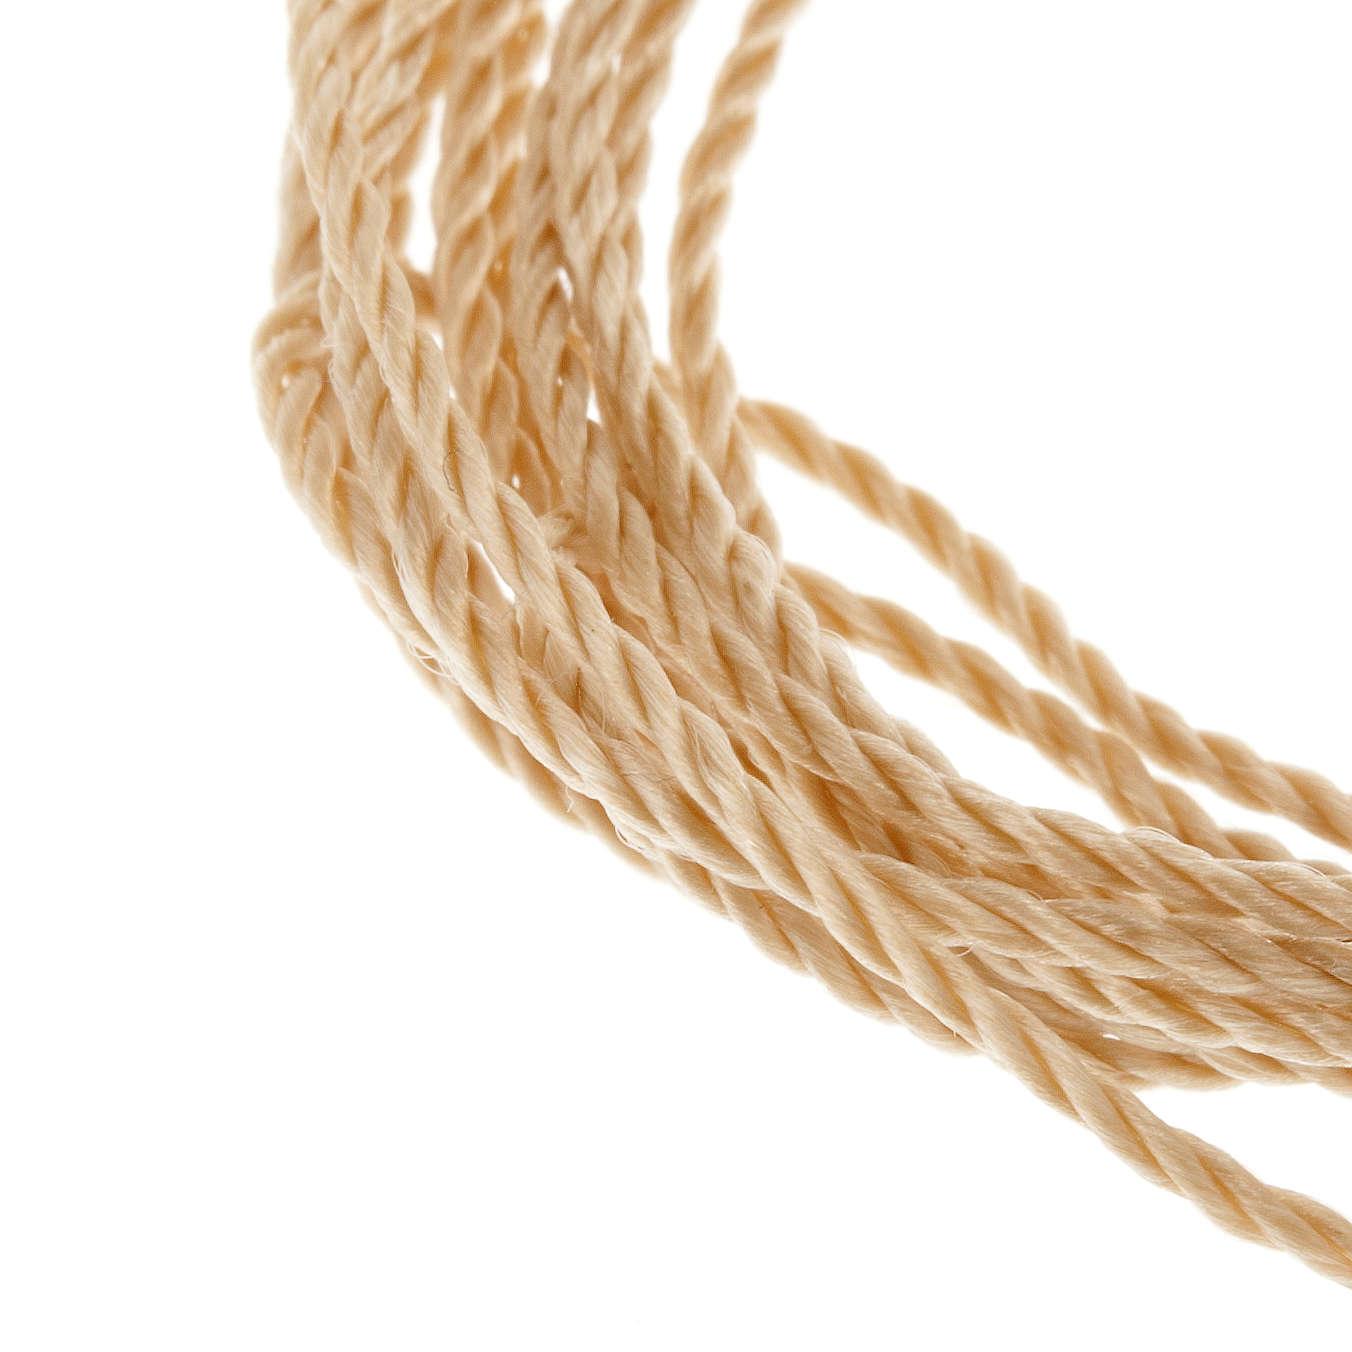 Corde beige pour chapelets à faire soi-même 4